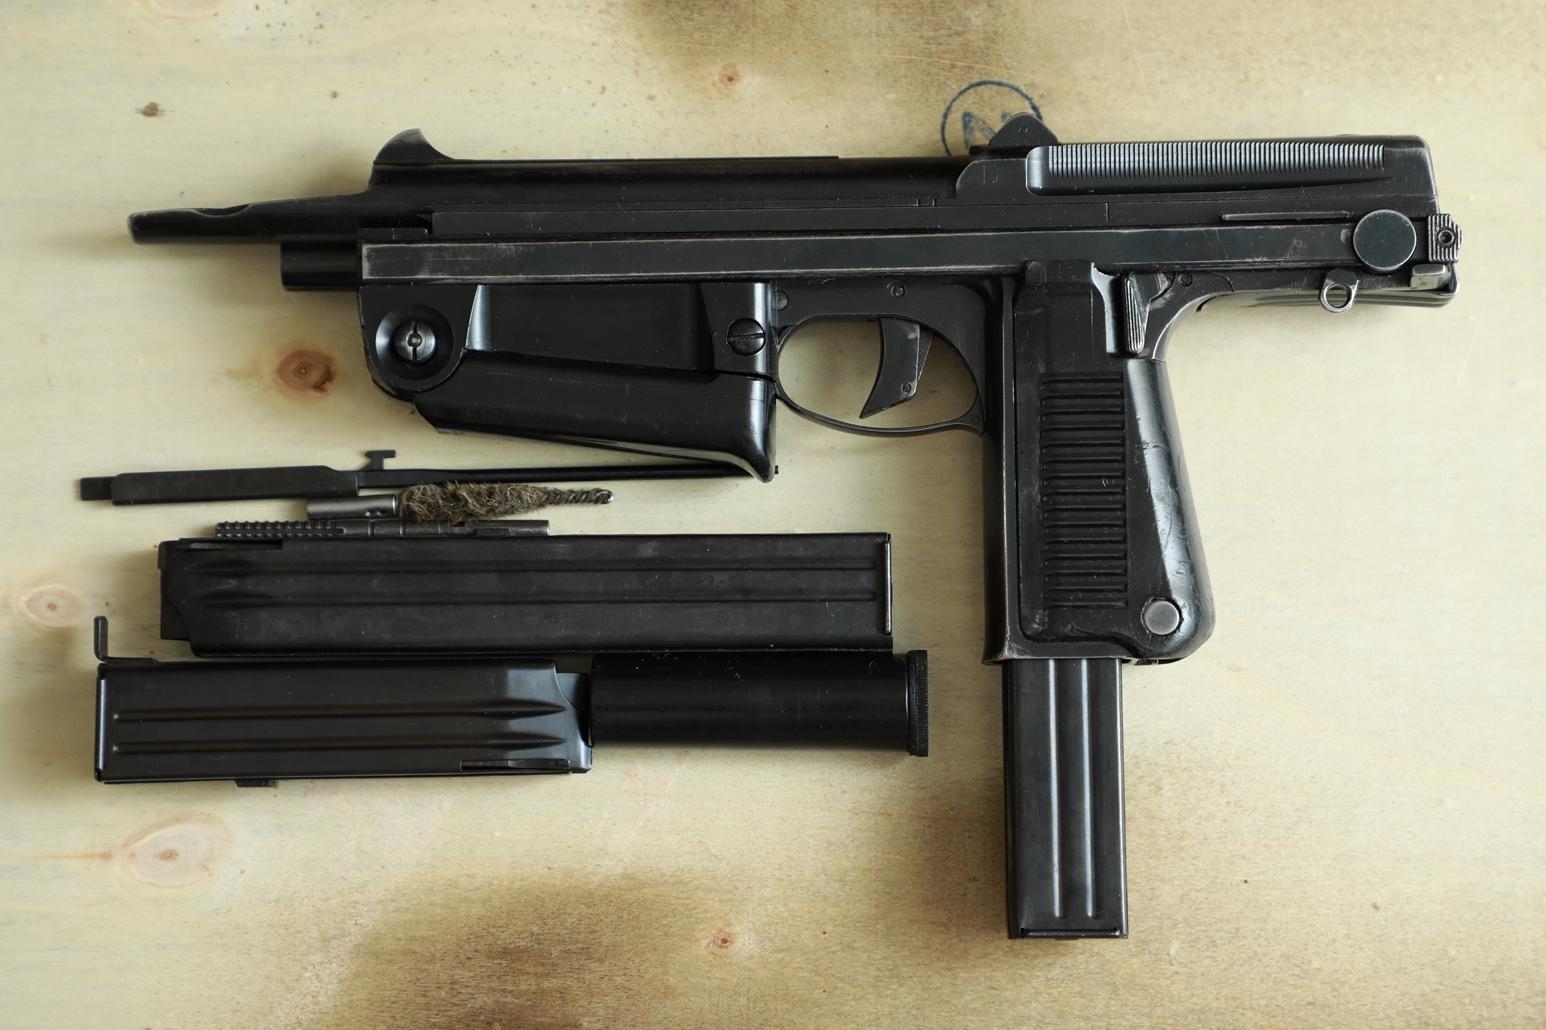 Охолощенный пистолет-пулемет RAK-63 #GG 1153 1972 год, 2 категория